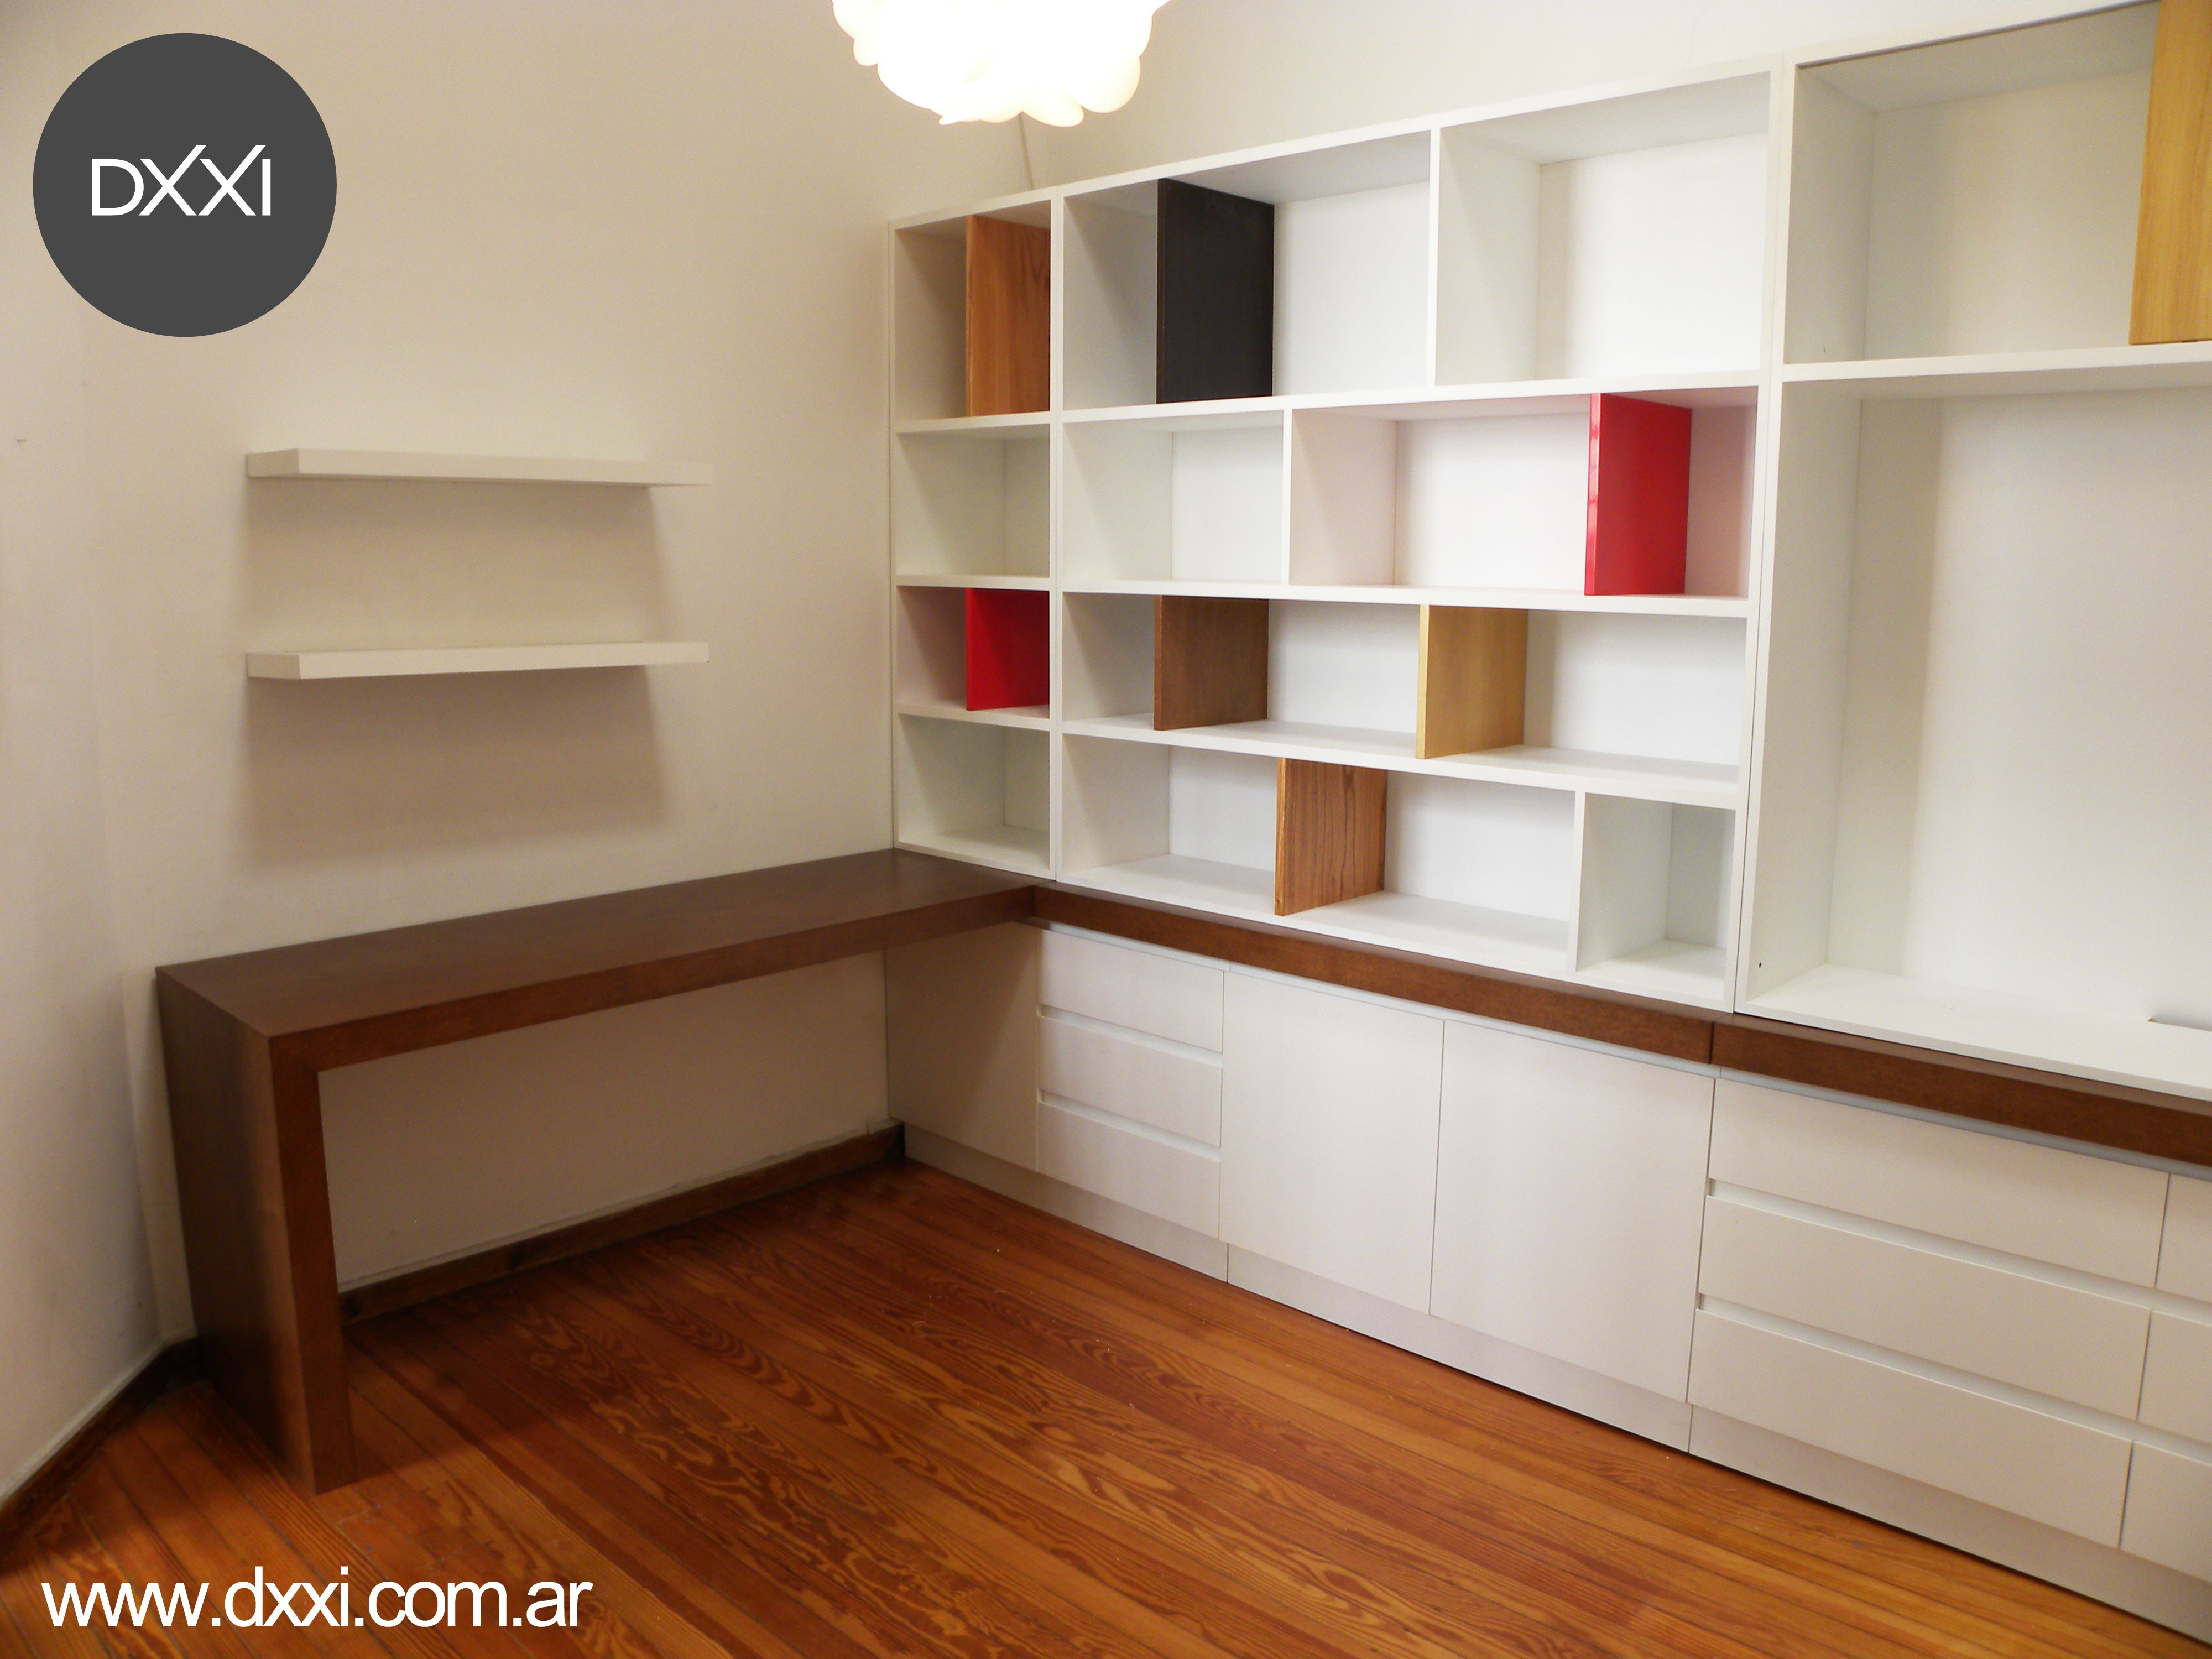 Biblioteca escritorio modelo bricolage mdf laqueado y - Modelos de escritorios de madera ...